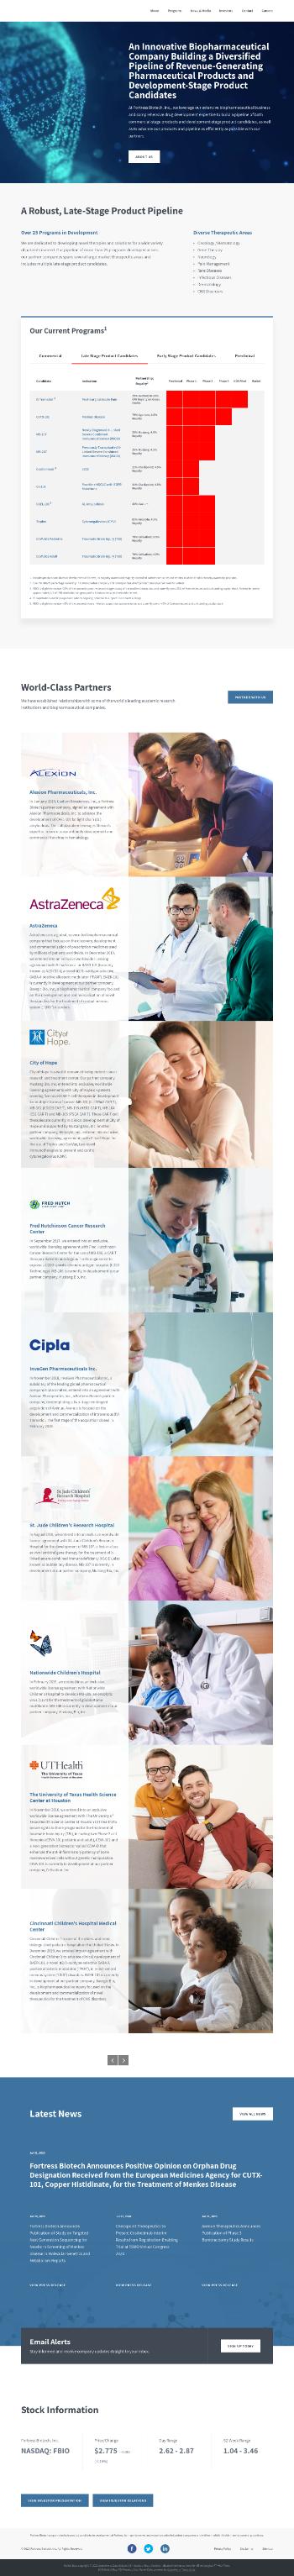 Fortress Biotech, Inc. Website Screenshot